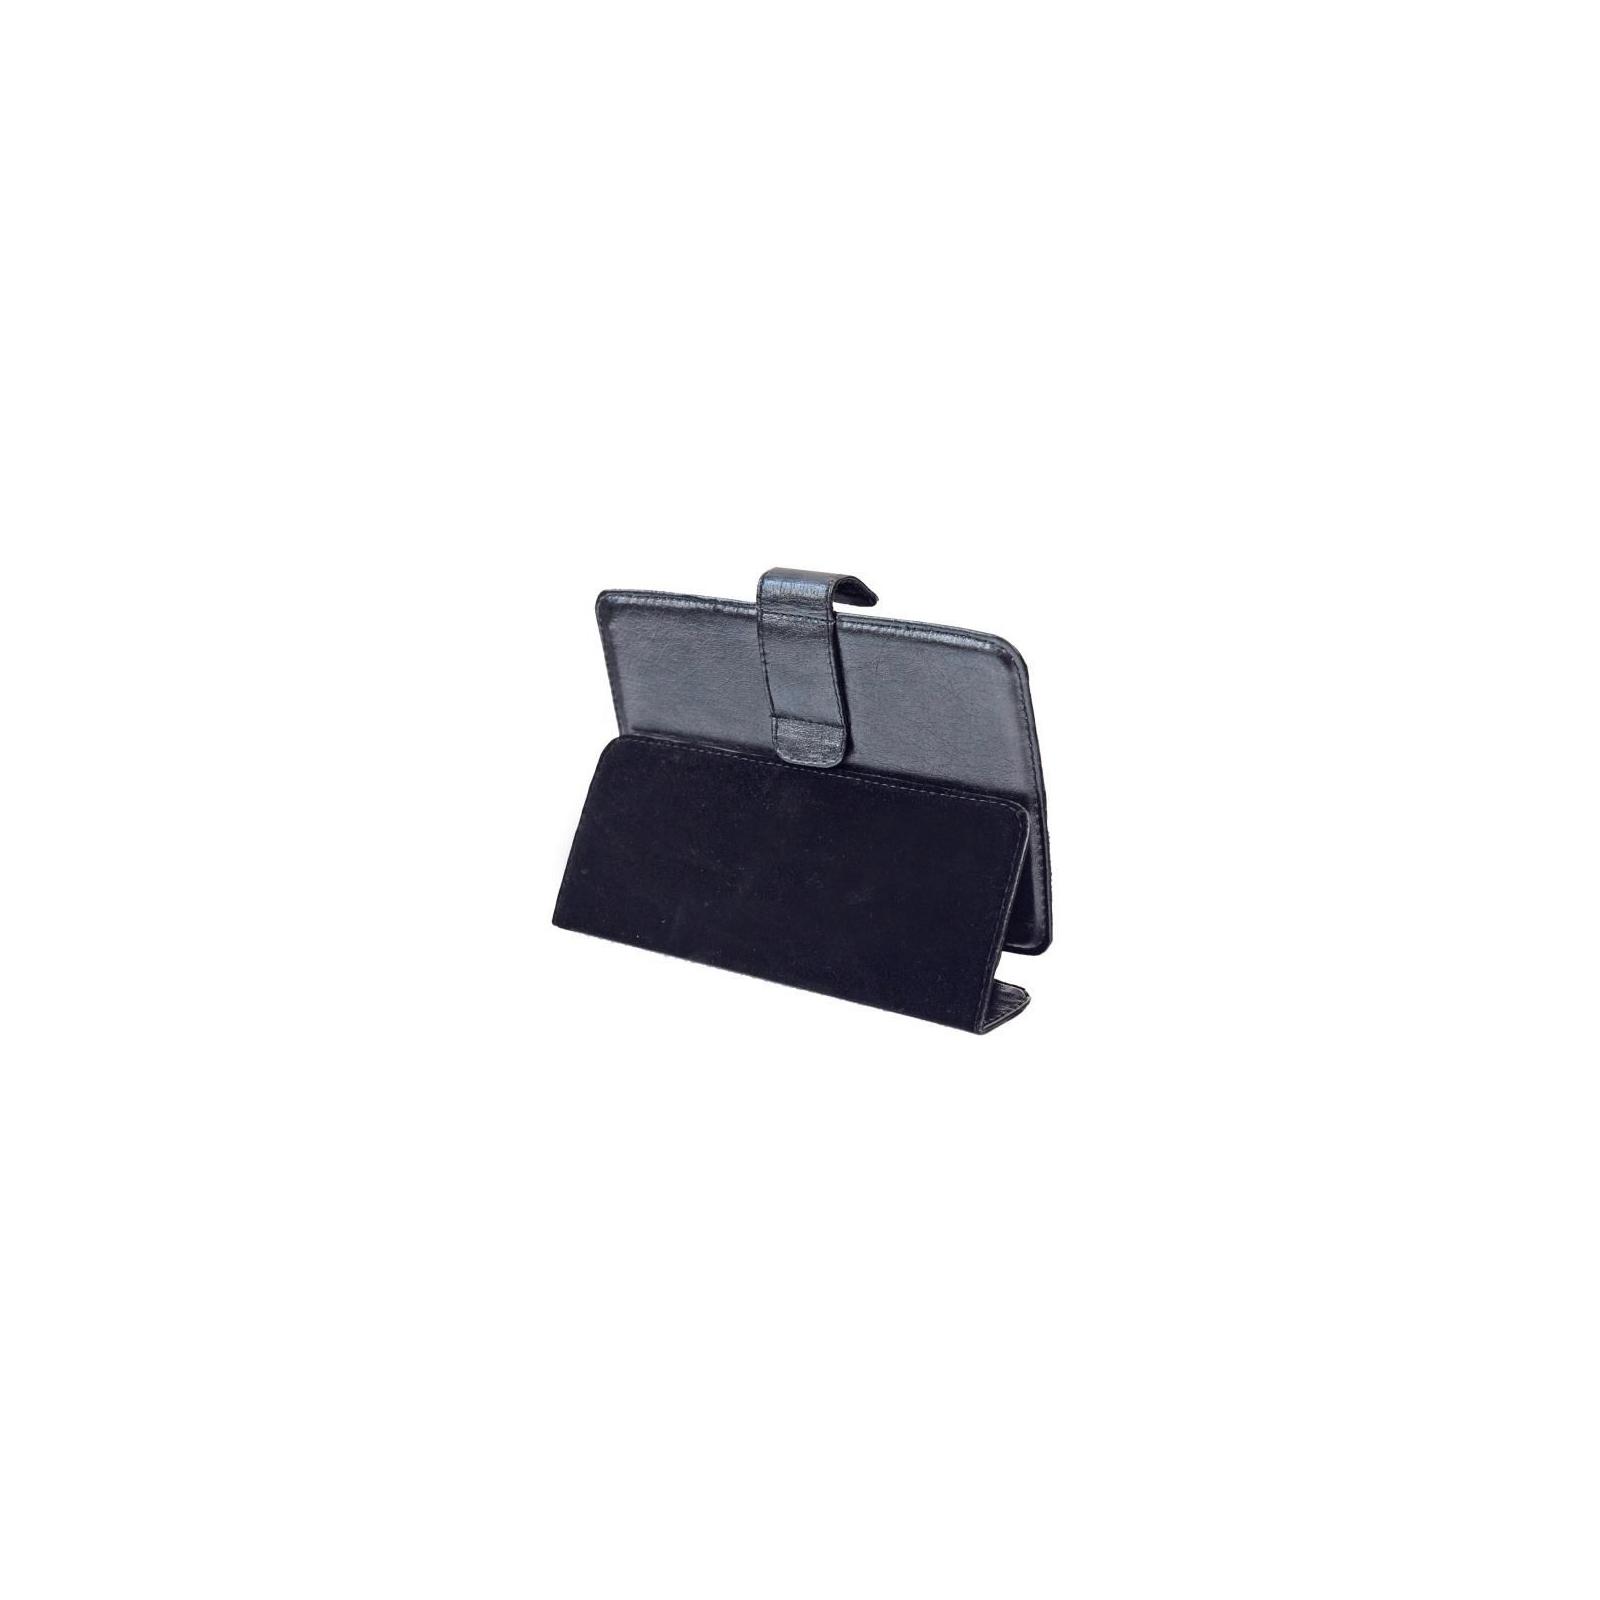 Чехол для планшета Vento 9 COOL - black изображение 2